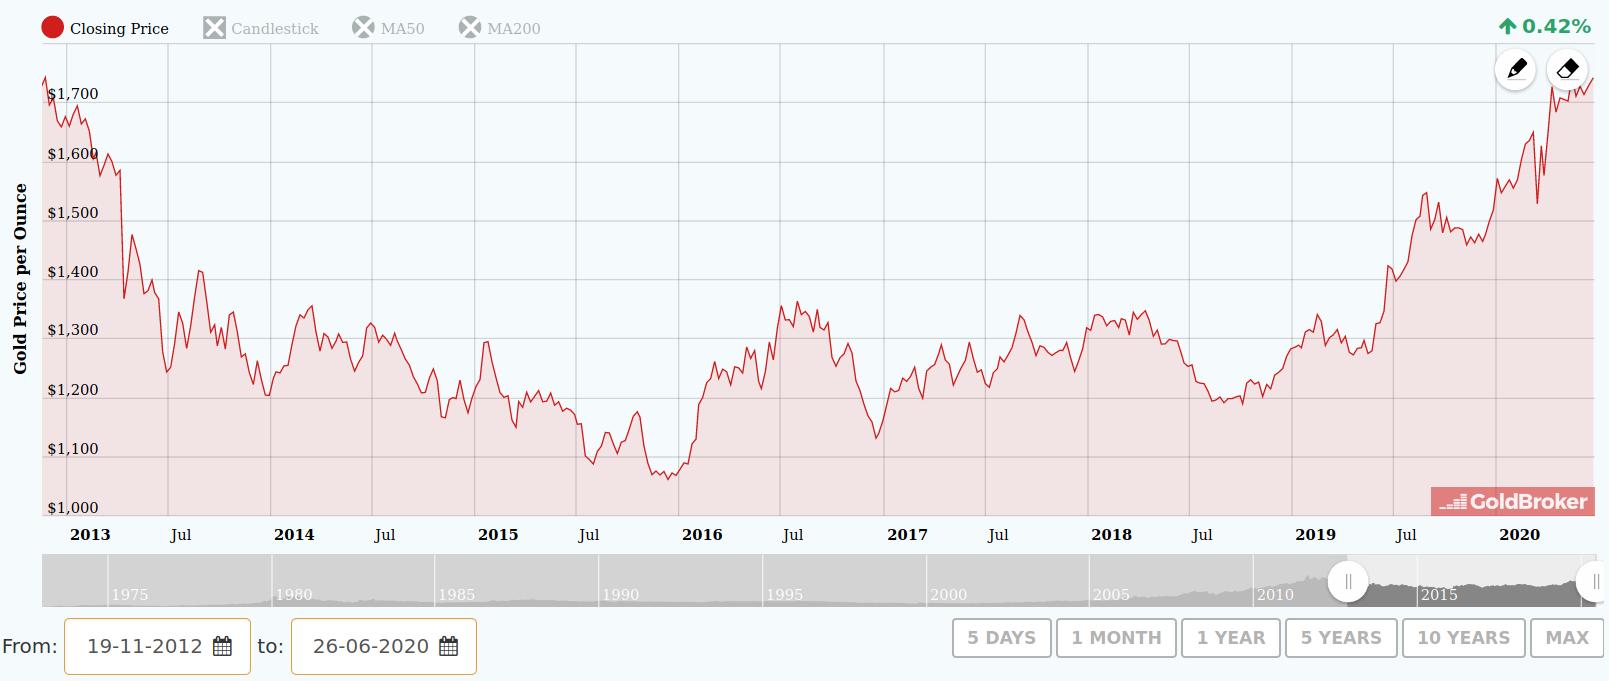 Cena zlata se přiblížila na osmiletá maxima